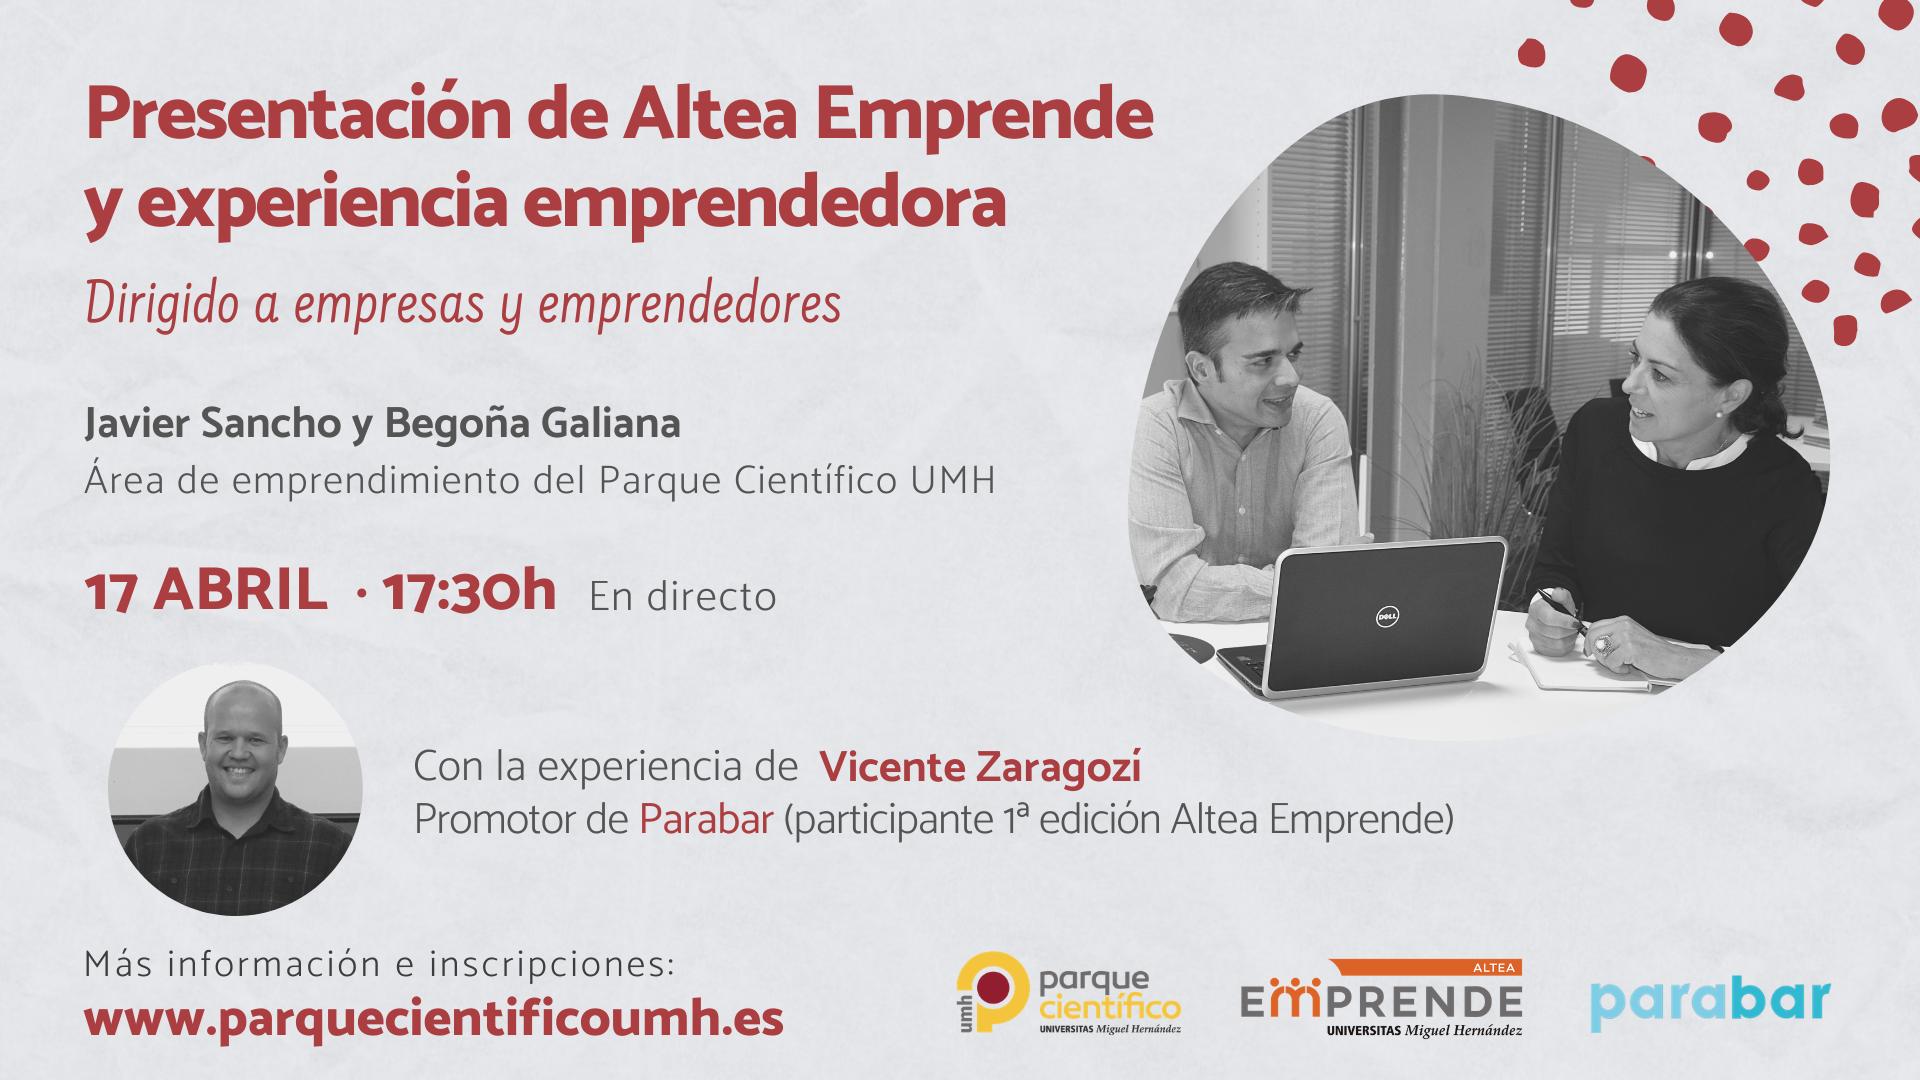 Presentación de Altea Emprende y experiencia emprendedora